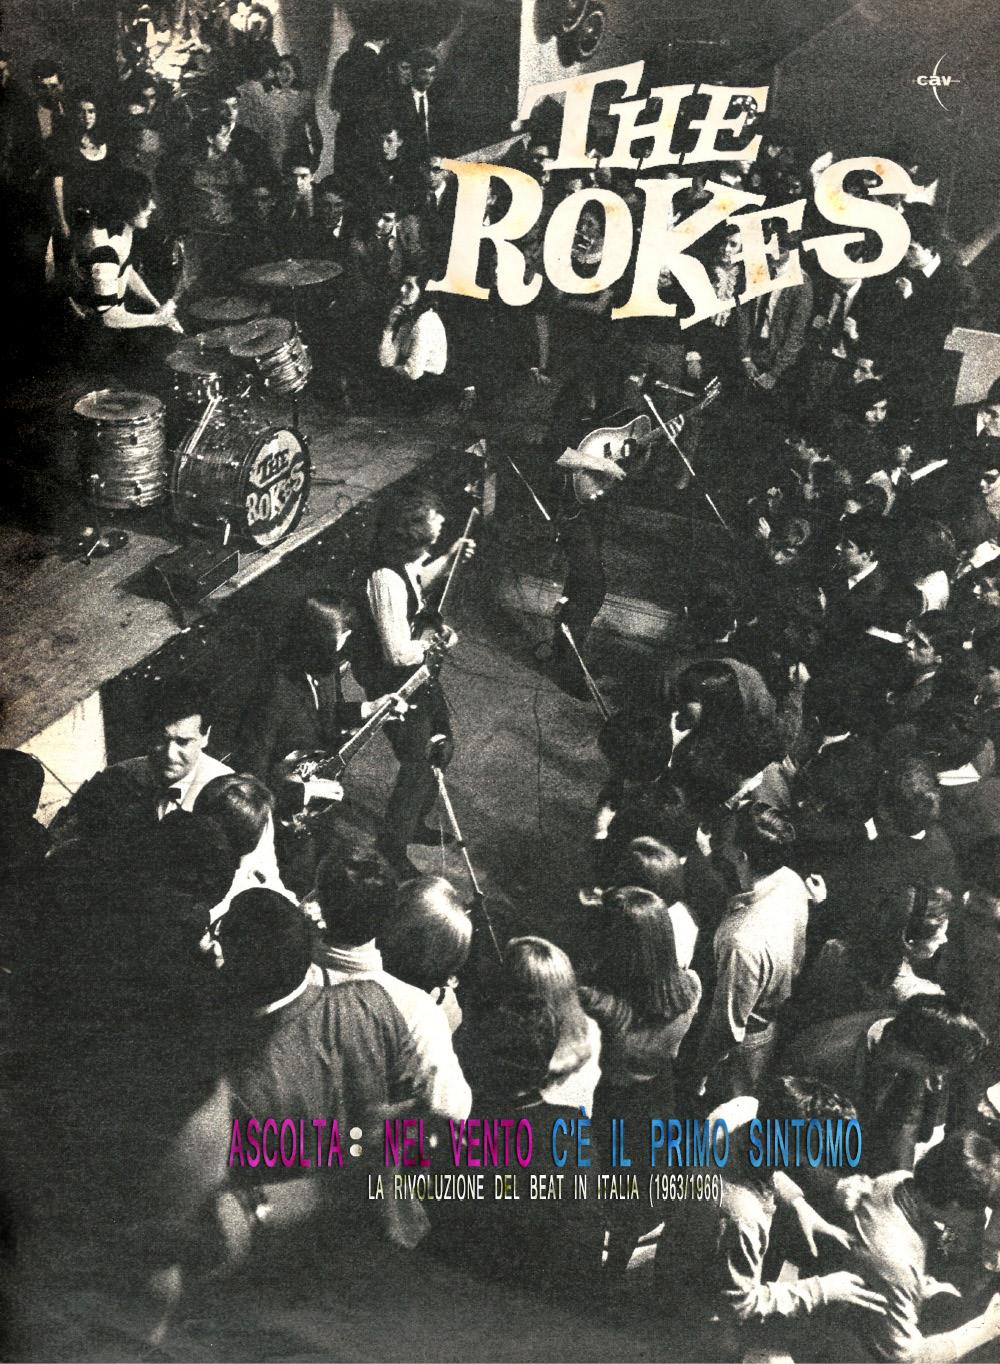 The Rokes. Ascolta nel vento c'è il primo sintomo. La rivoluzione del beat in Italia (1963/1966)